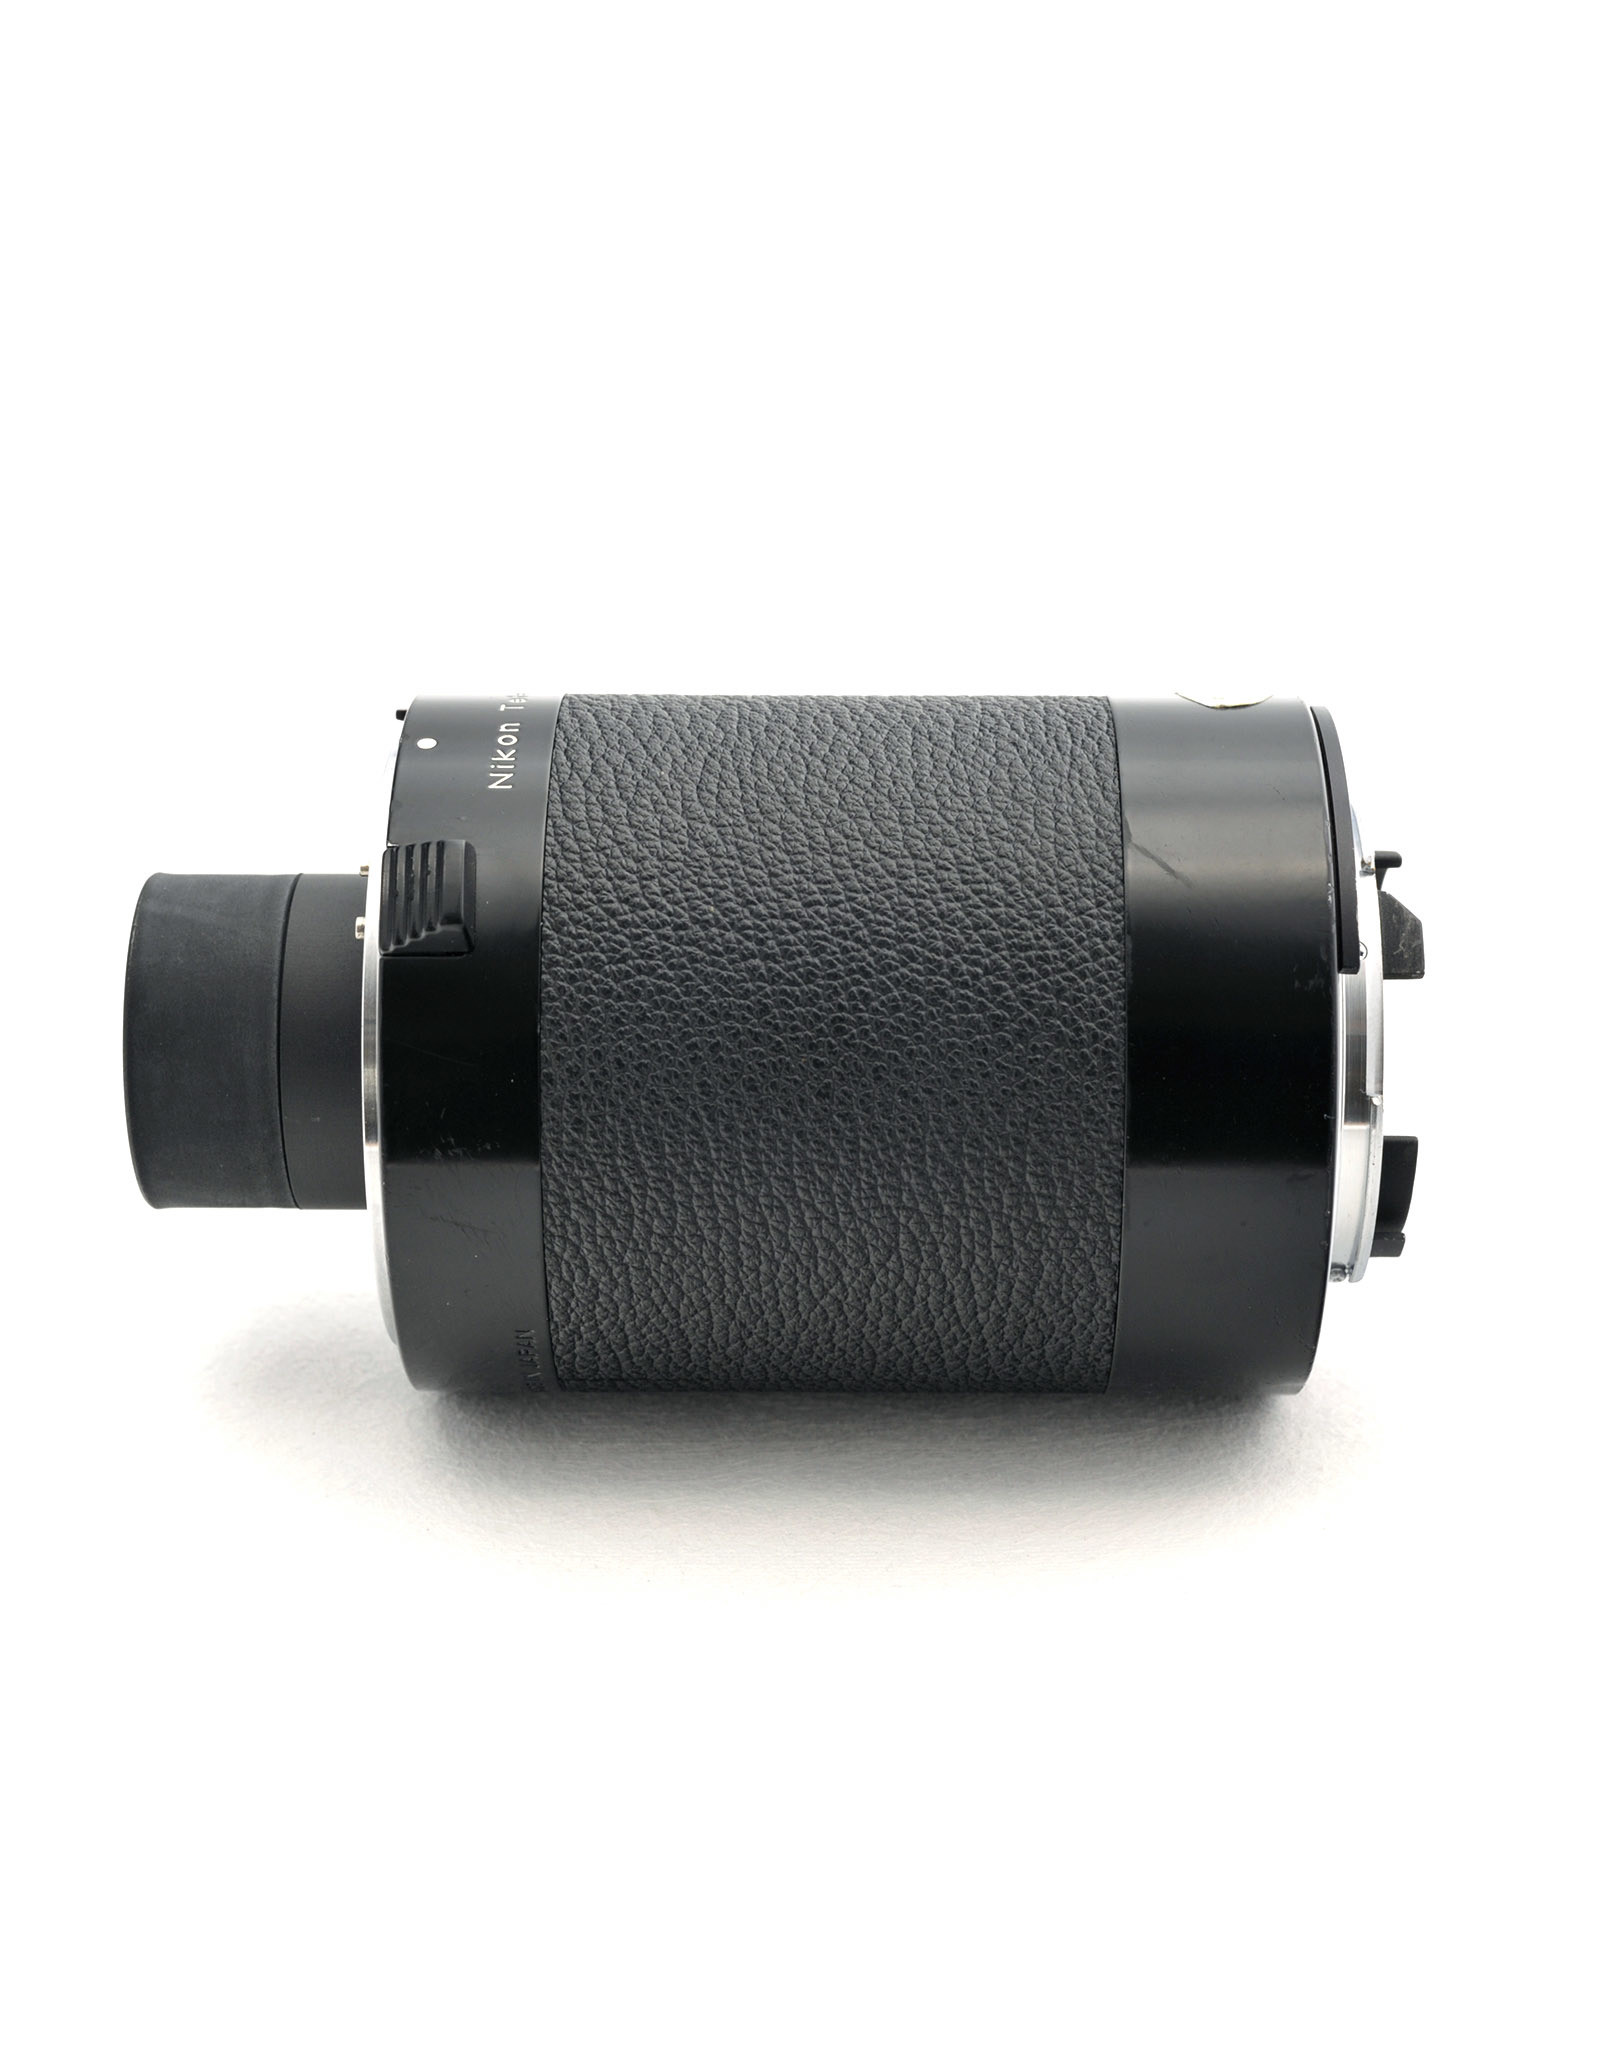 Nikon Nikonb TC-301 2X Teleconverter   AP1032205